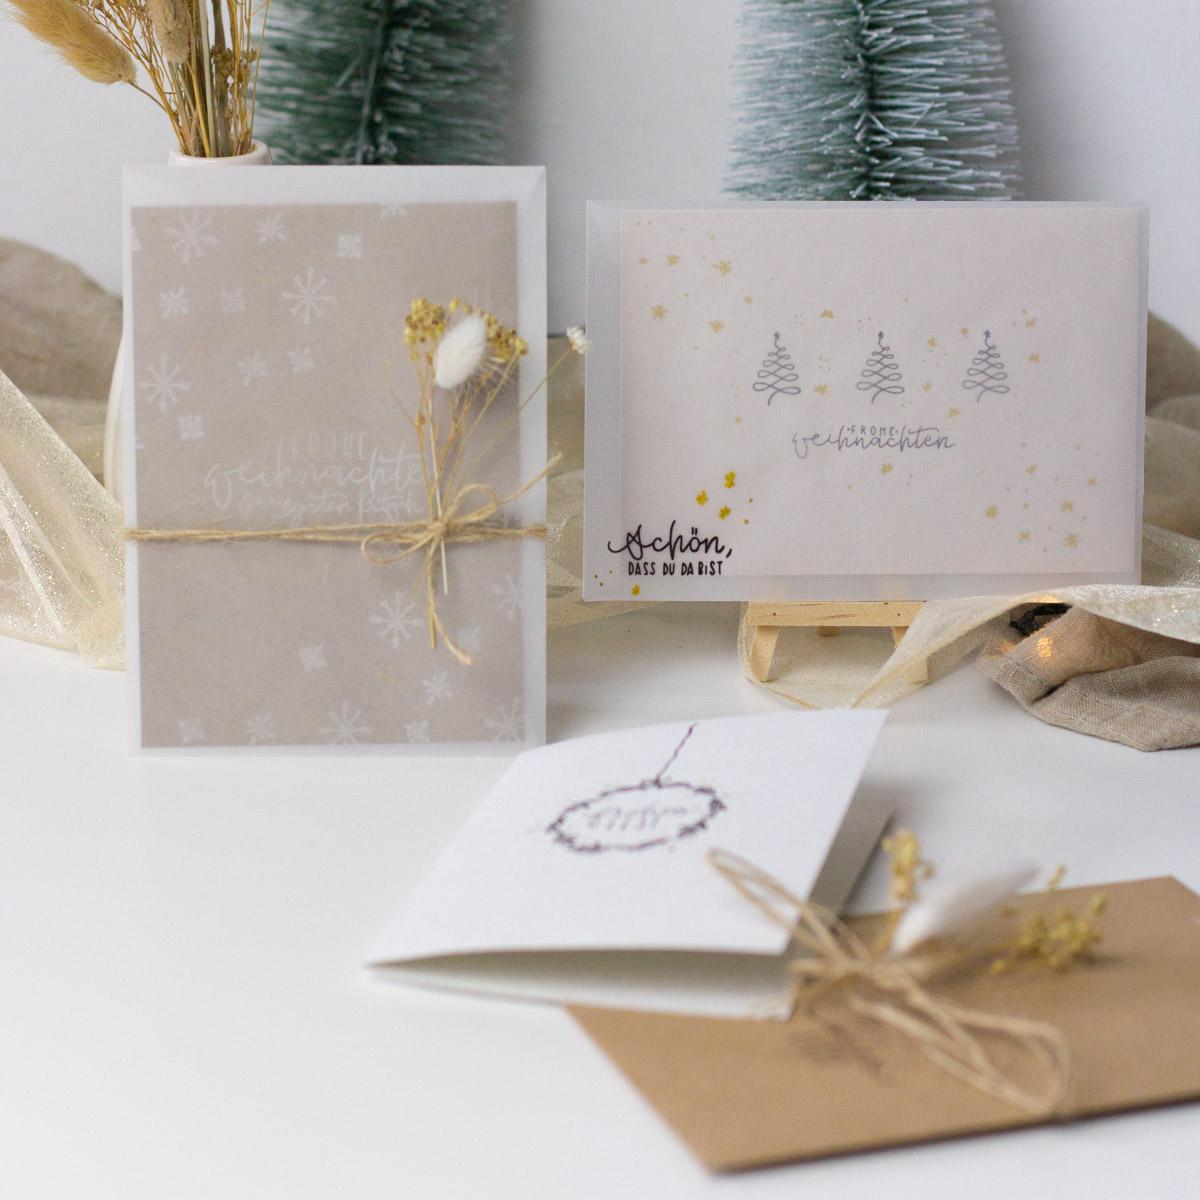 Diy Set Weihnachten Unsere Kleine Bastelstube